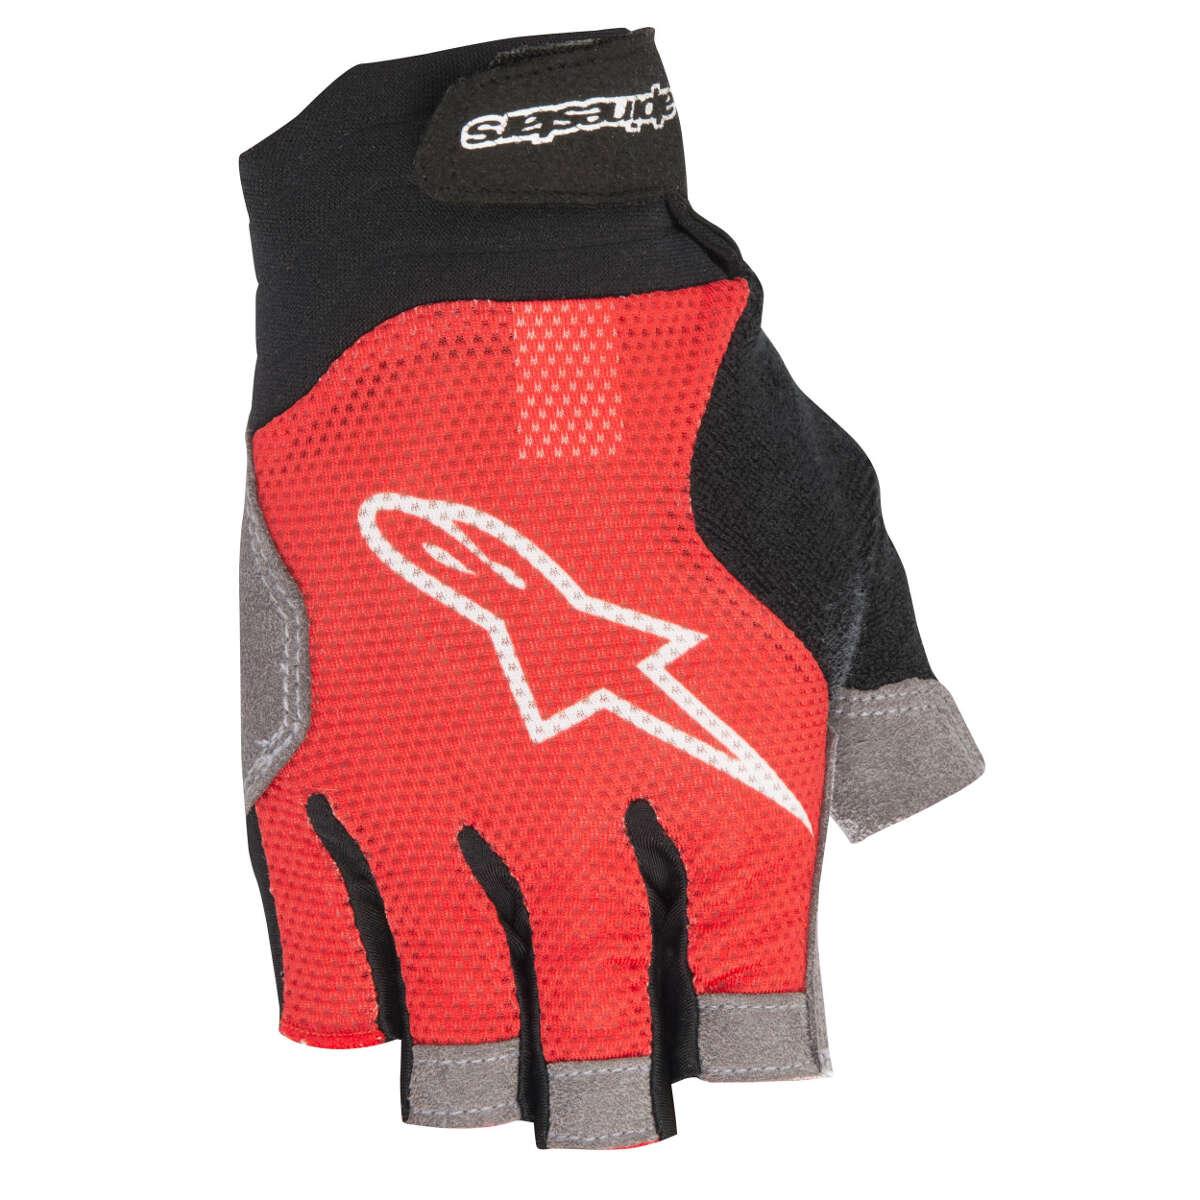 Alpinestars รุ่น Rolling ถุงมือครึ่งนิ้ว ใส่สบายรัดแน่นกระชับข้อมือด้วยแถบรัด